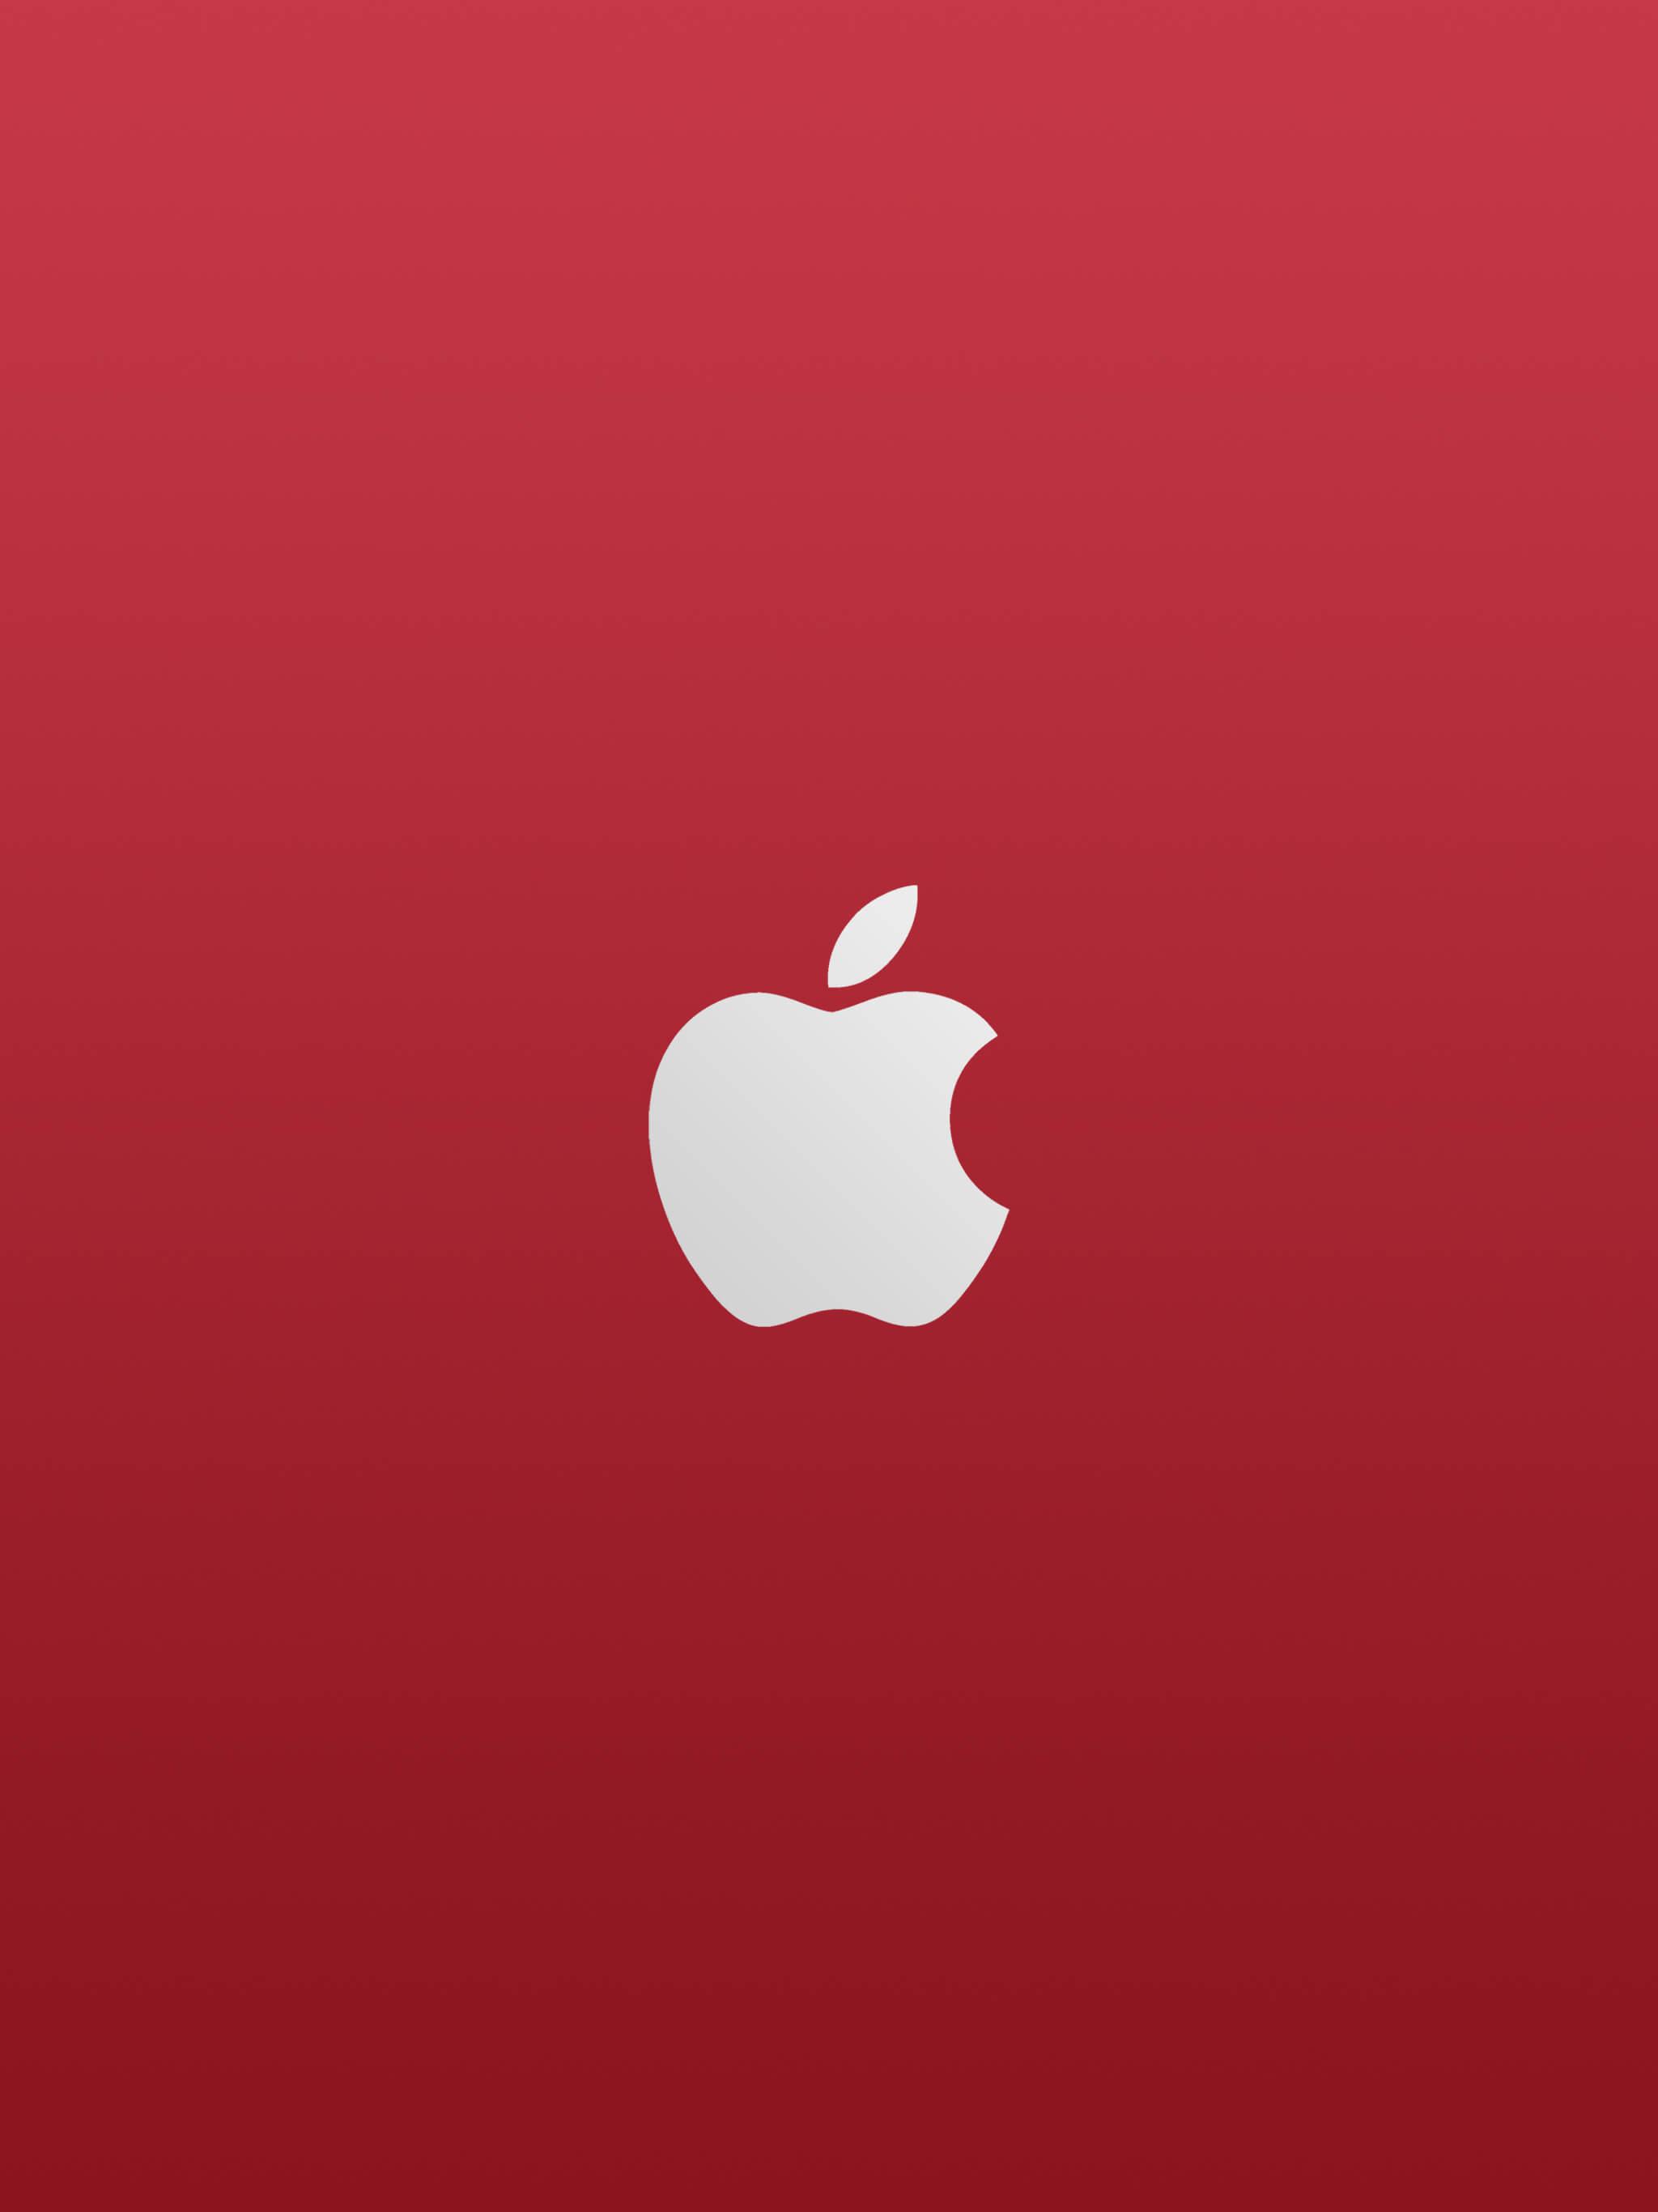 Wallpaper inspirado en el lanzamiento del iphone 7 rojo for Fondo de pantalla 3d iphone x